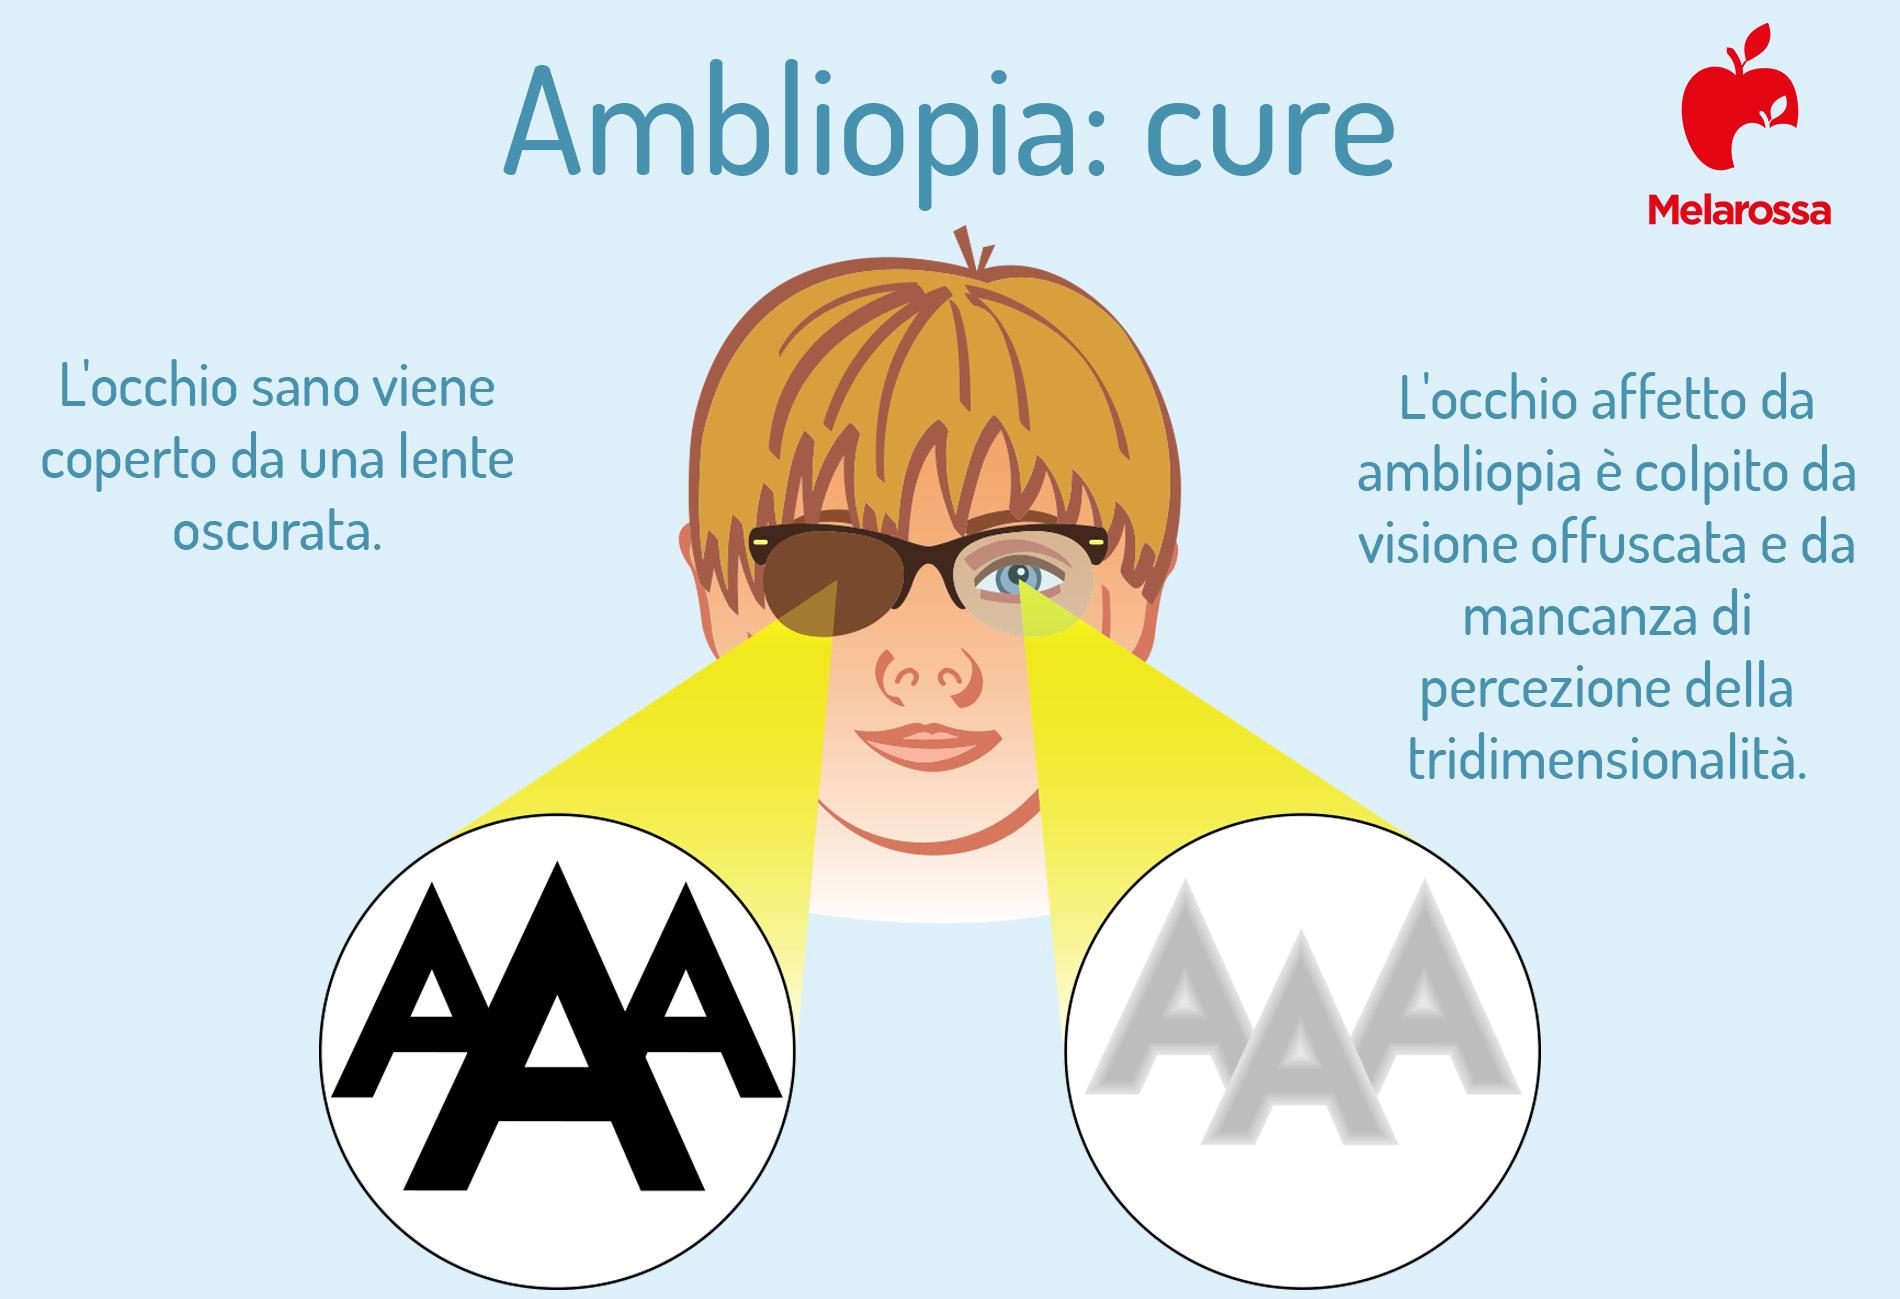 Ambliopia cure